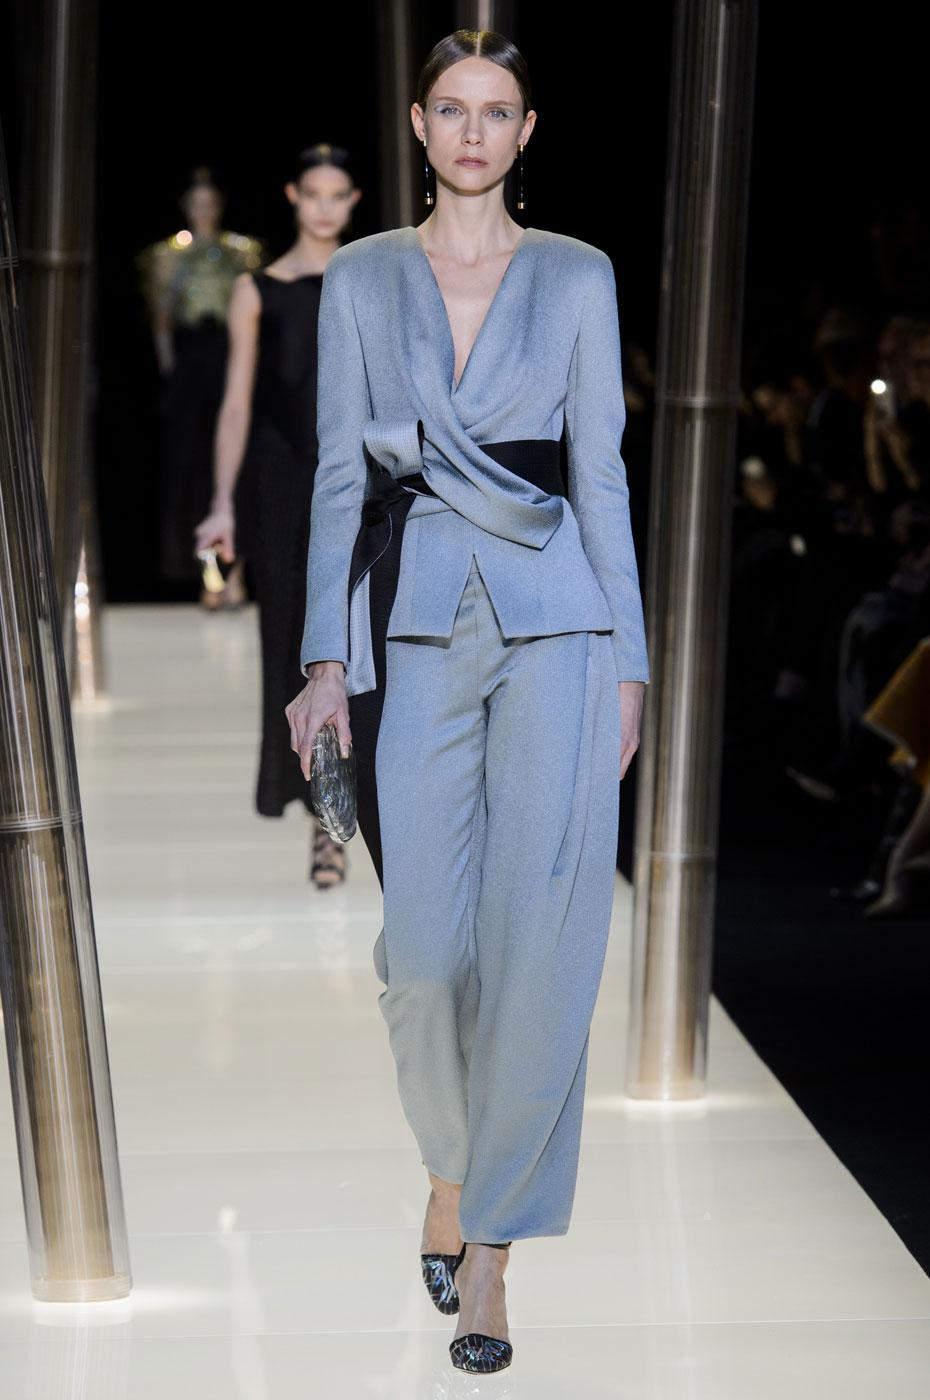 Giorgio-armani-Prive-fashion-runway-show-haute-couture-paris-spring-2015-the-impression-051